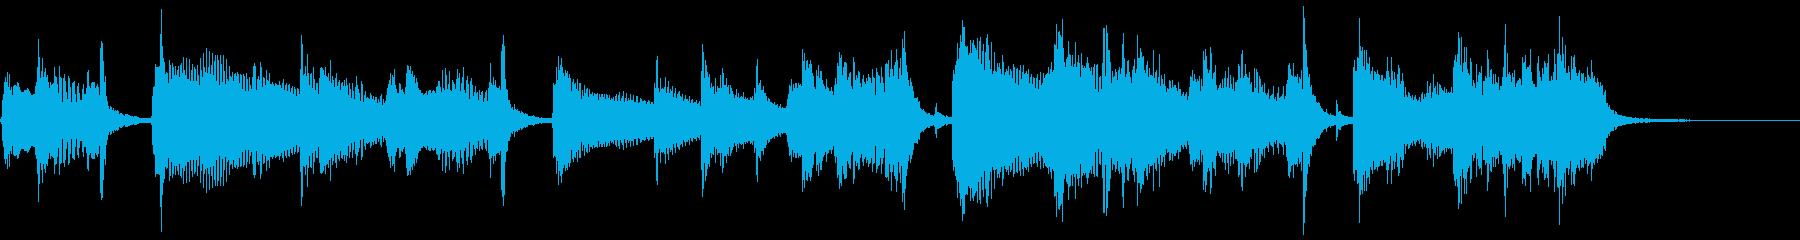 アコギヒップホップ感動洋楽コーポレートeの再生済みの波形